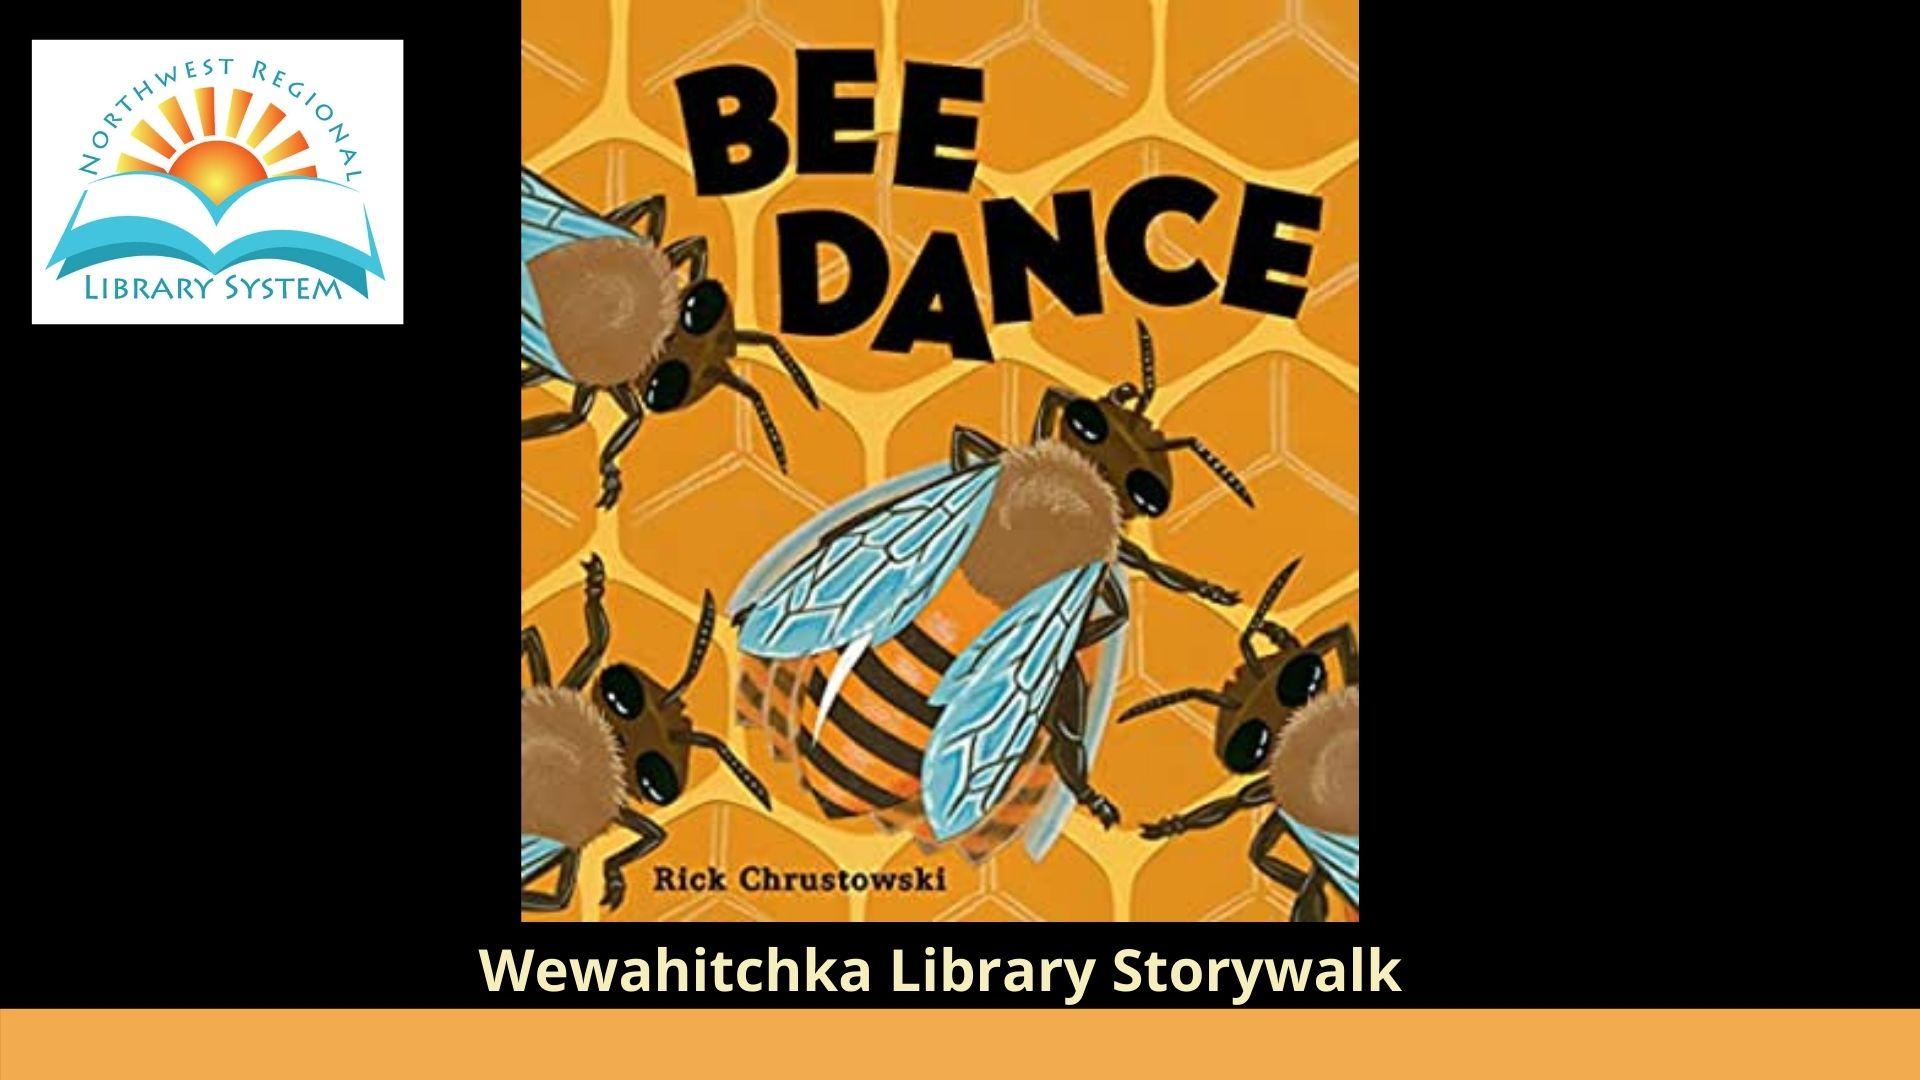 storywalk : Bee Dance